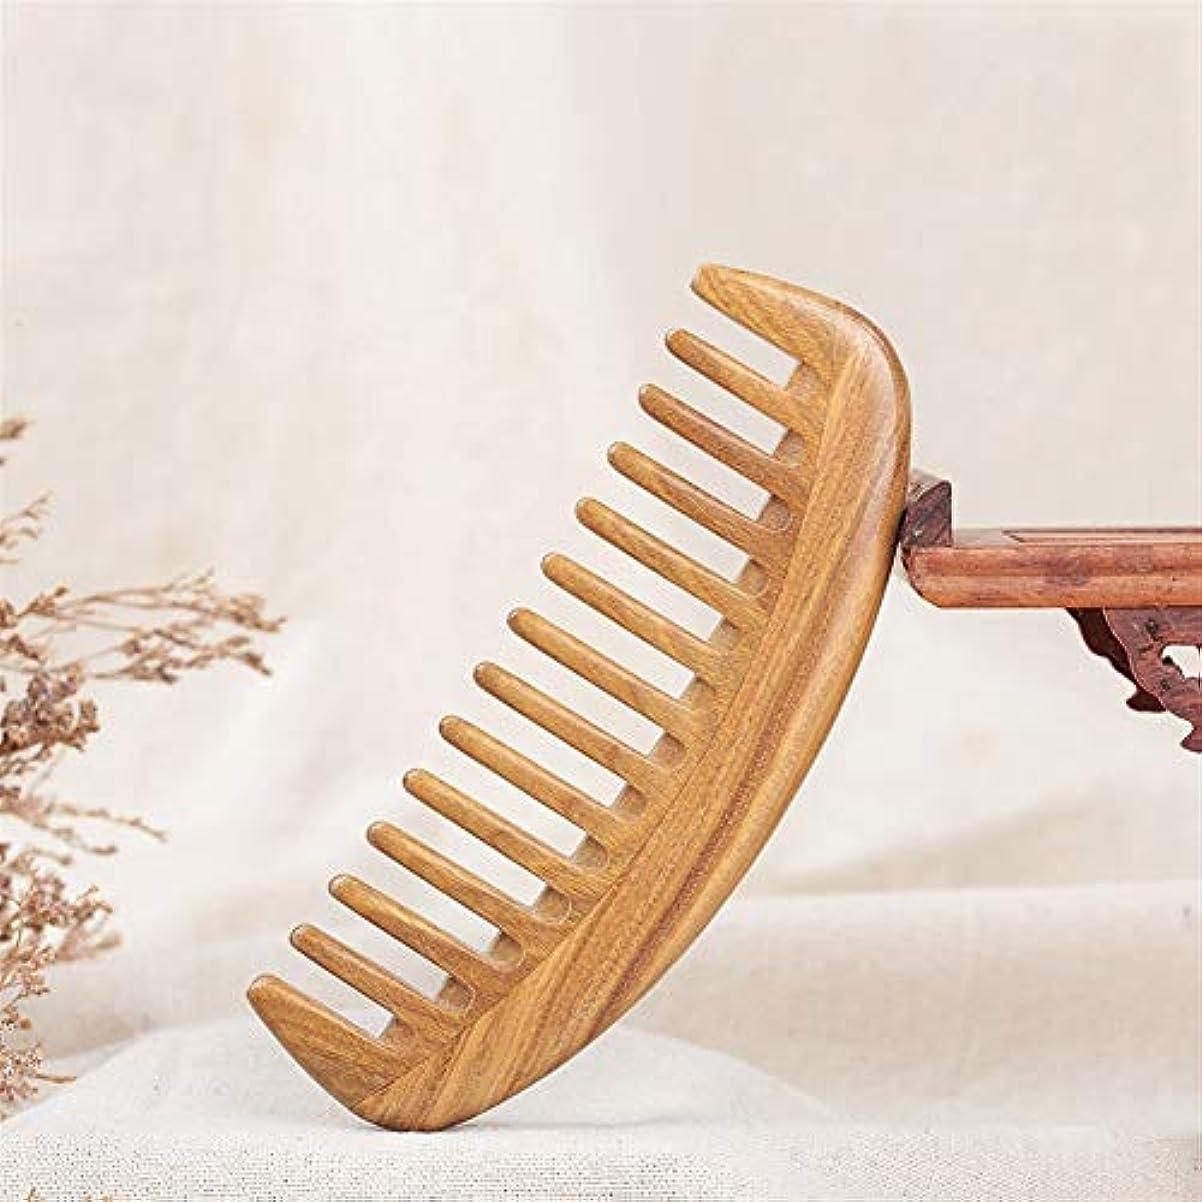 卒業主婦無謀Guomao グリーンビャクダンの香りのよい木の半月の広い歯ビャクダンの櫛の巻き毛のくし (Size : 15*5.4*1.1 cm)